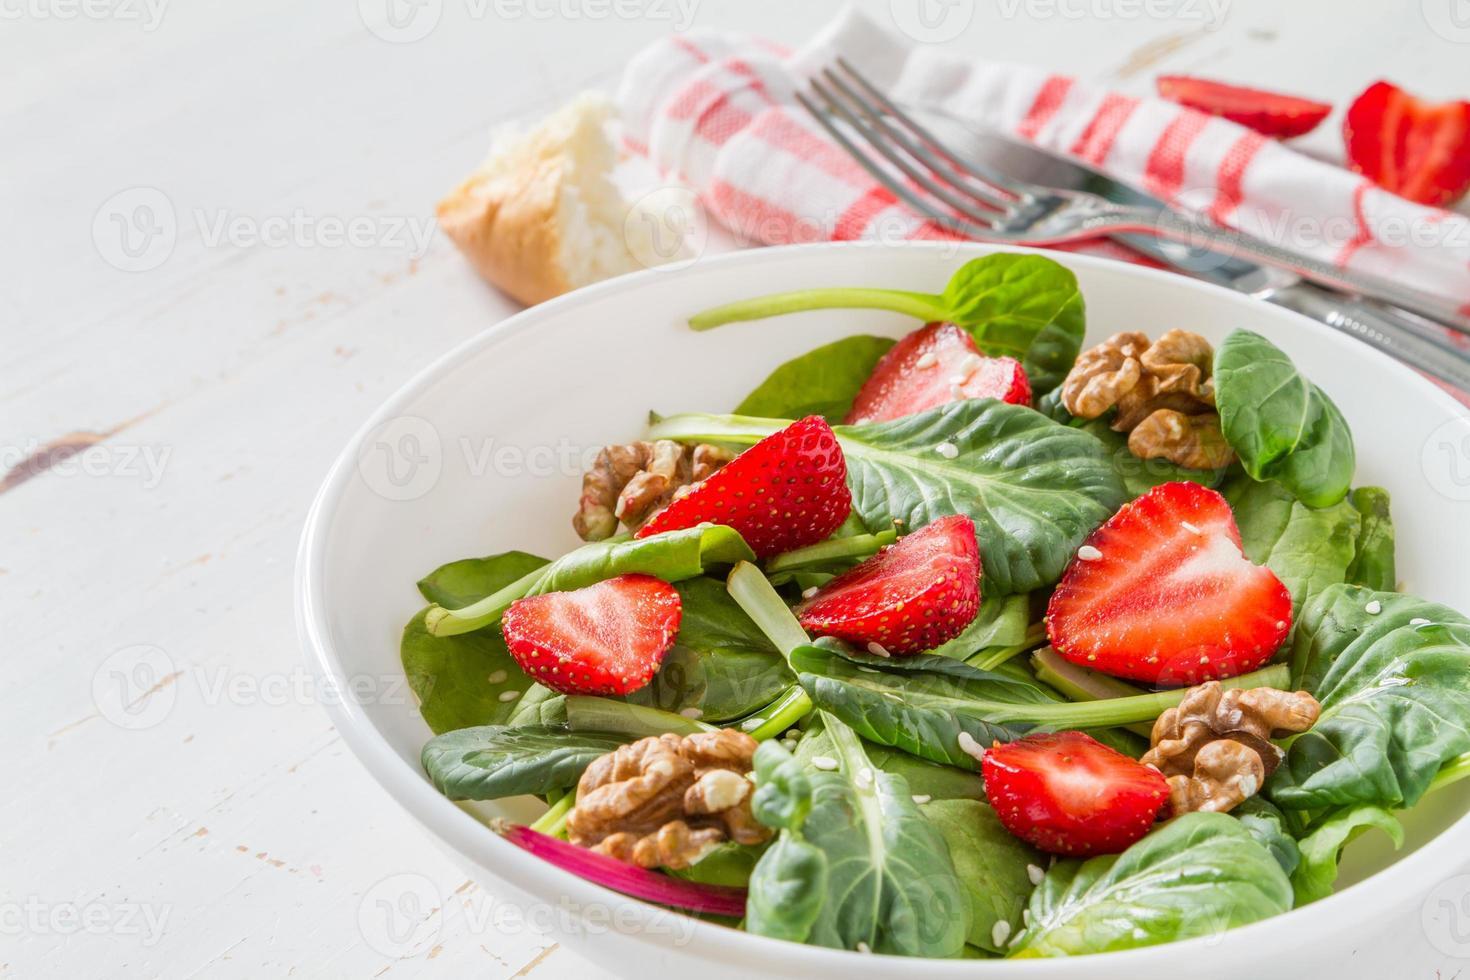 insalata con spinaci, fragole, noci, olio, pane, tovagliolo a quadri foto